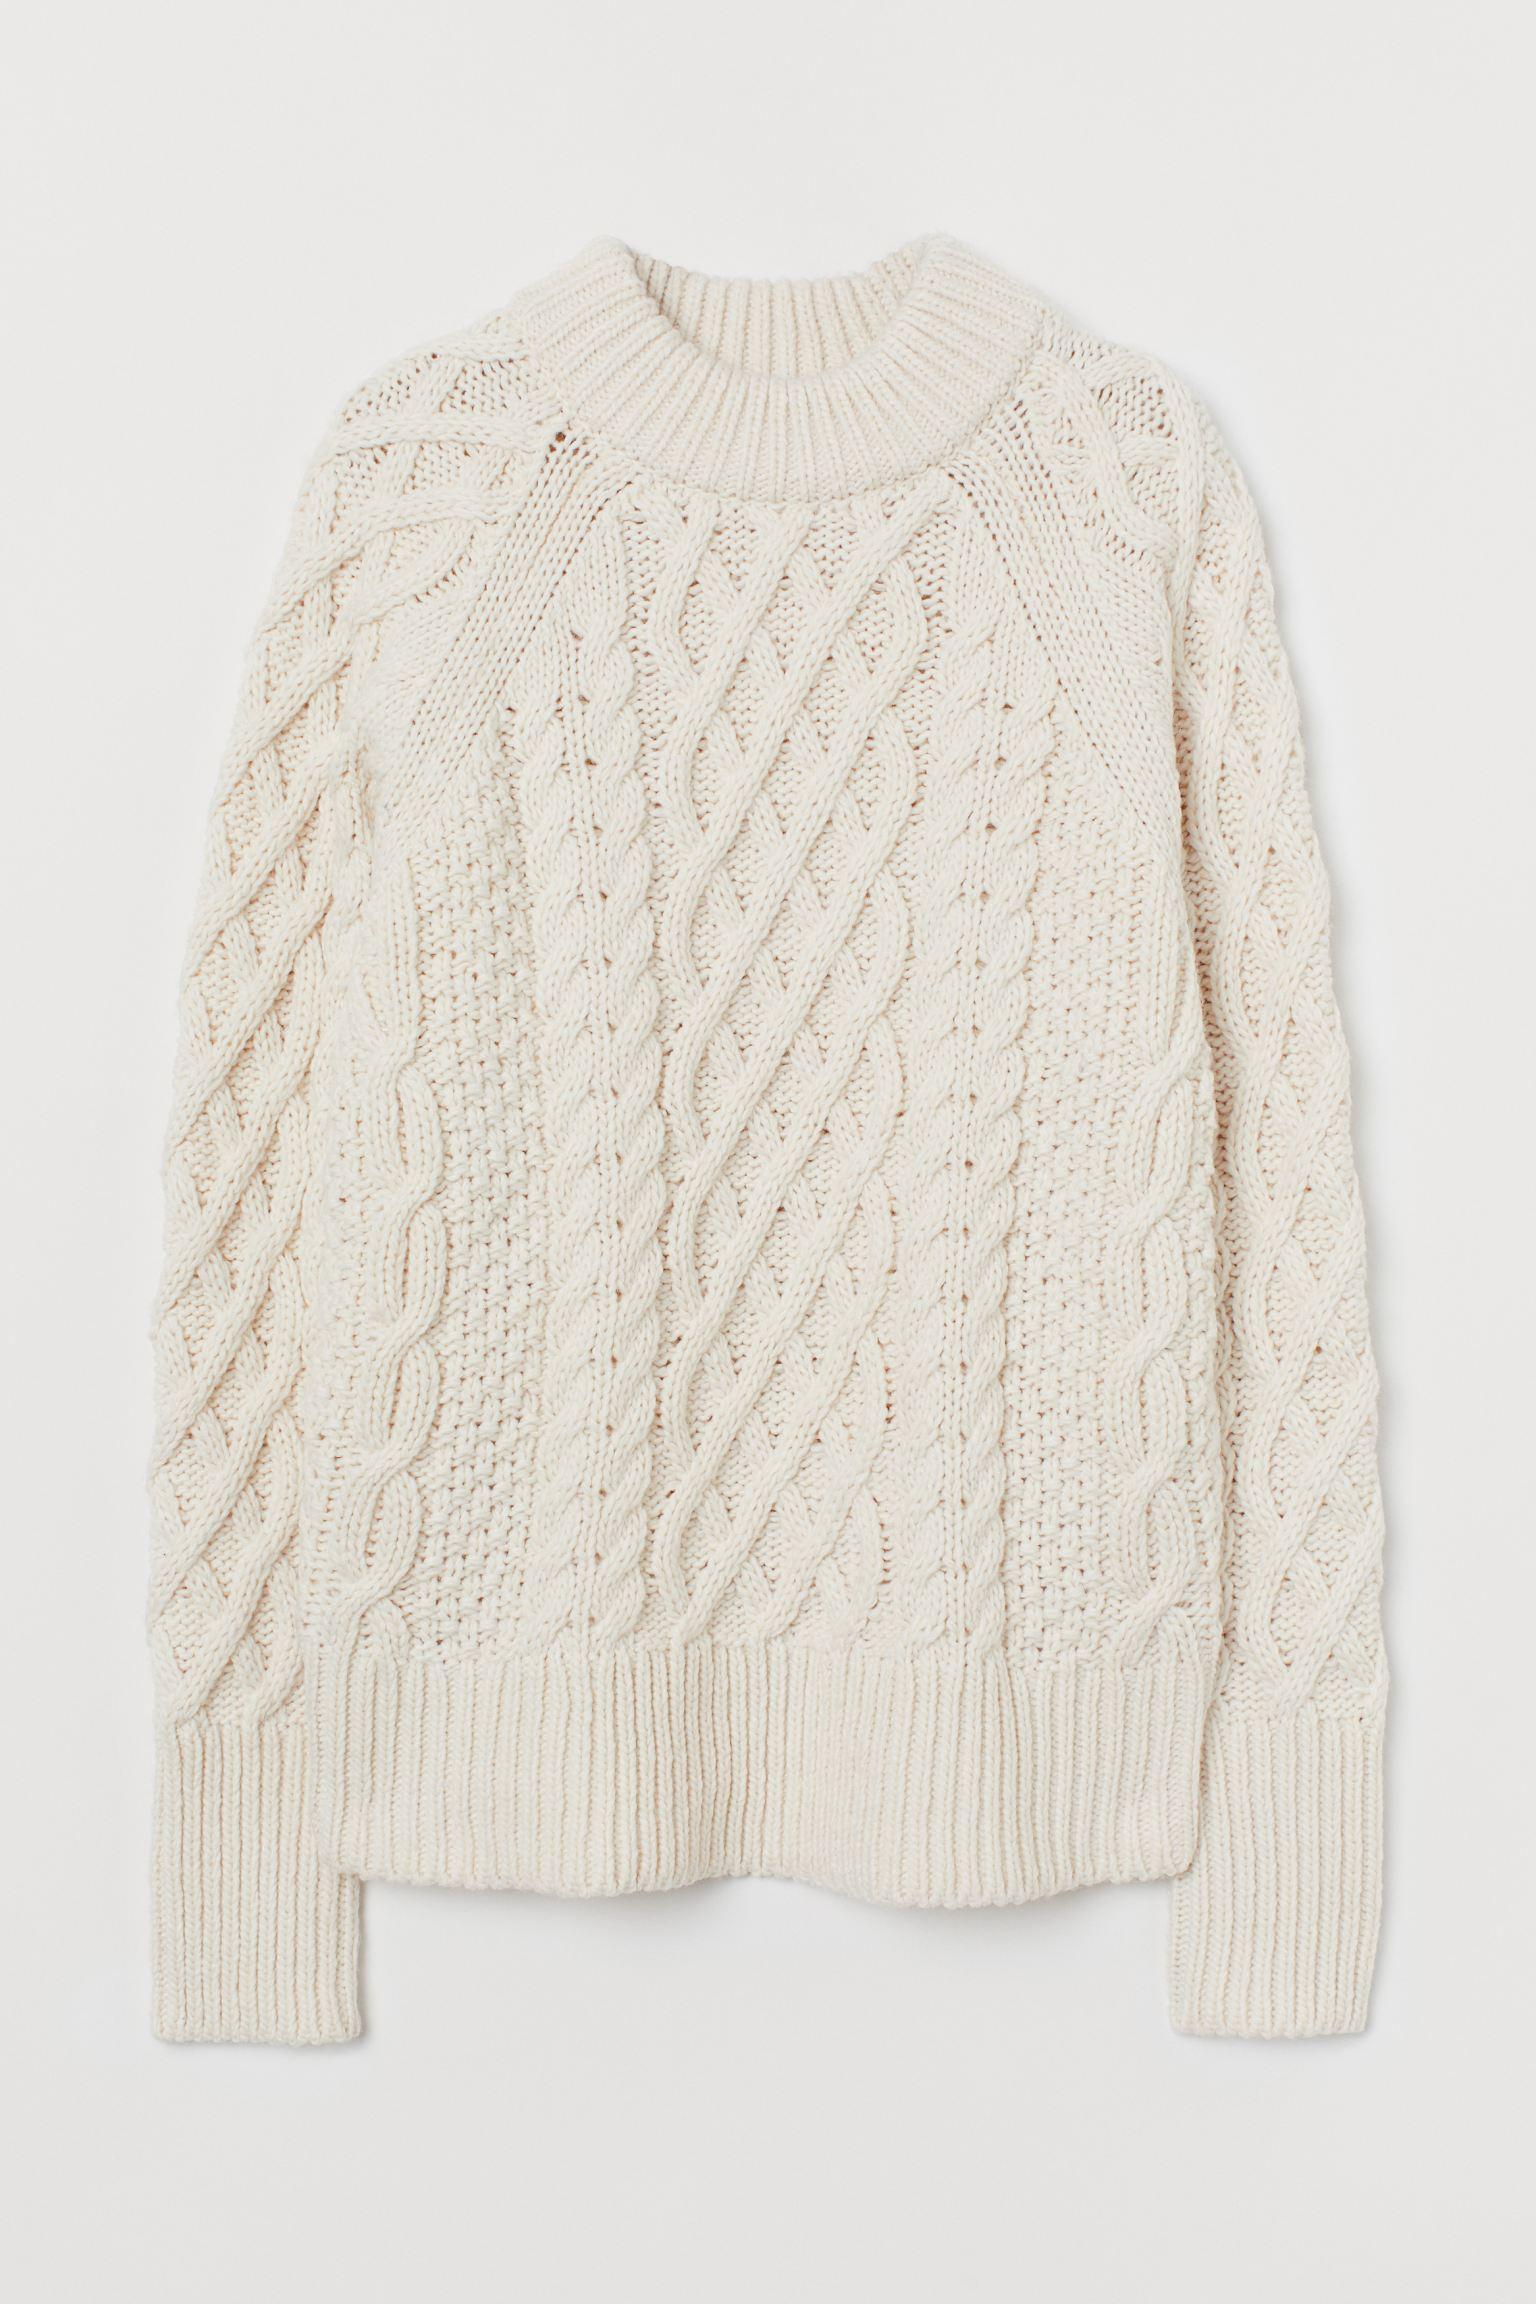 Jersey en punto trenzado suave con lana en la trama. Mangas raglán y remate de canalé en cuello, puños y bajo.